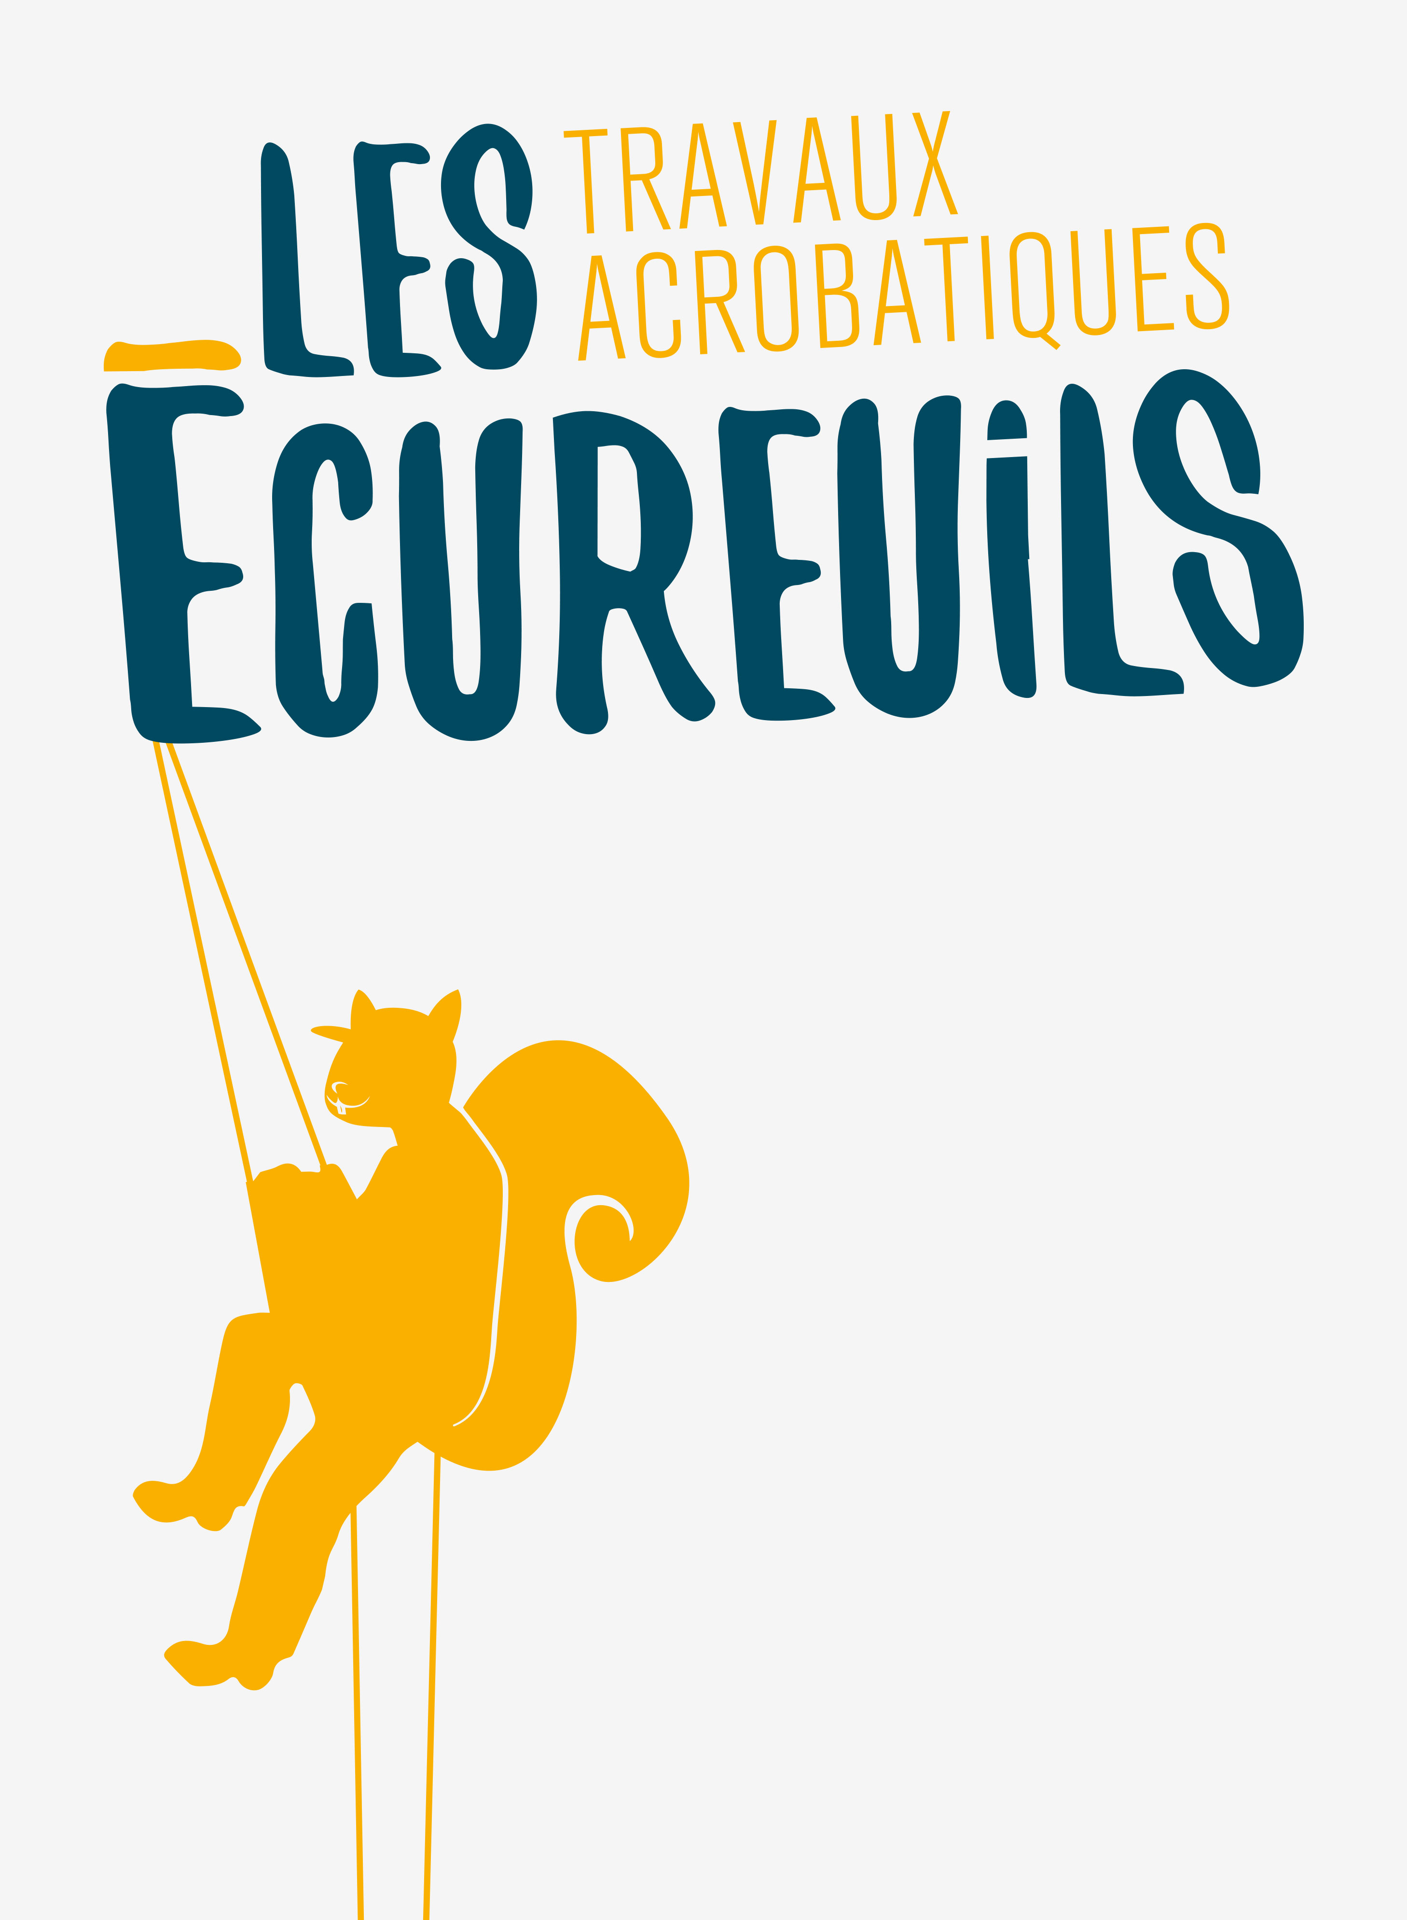 ecureuils-01.jpg